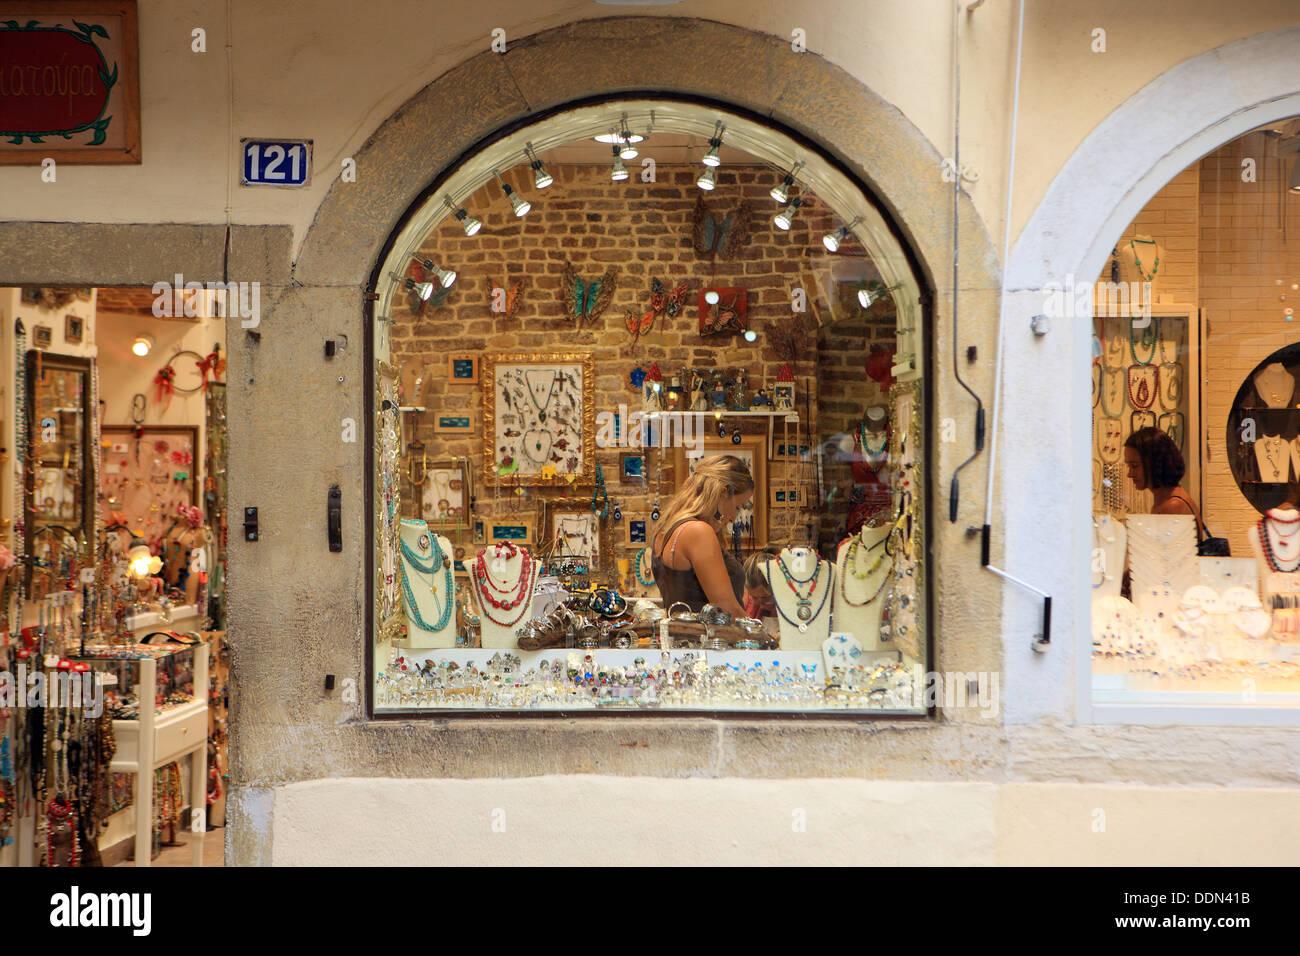 Schmuckgeschäft  Abend shopping in Korfu, Griechenland, wie eine Frau in einem ...